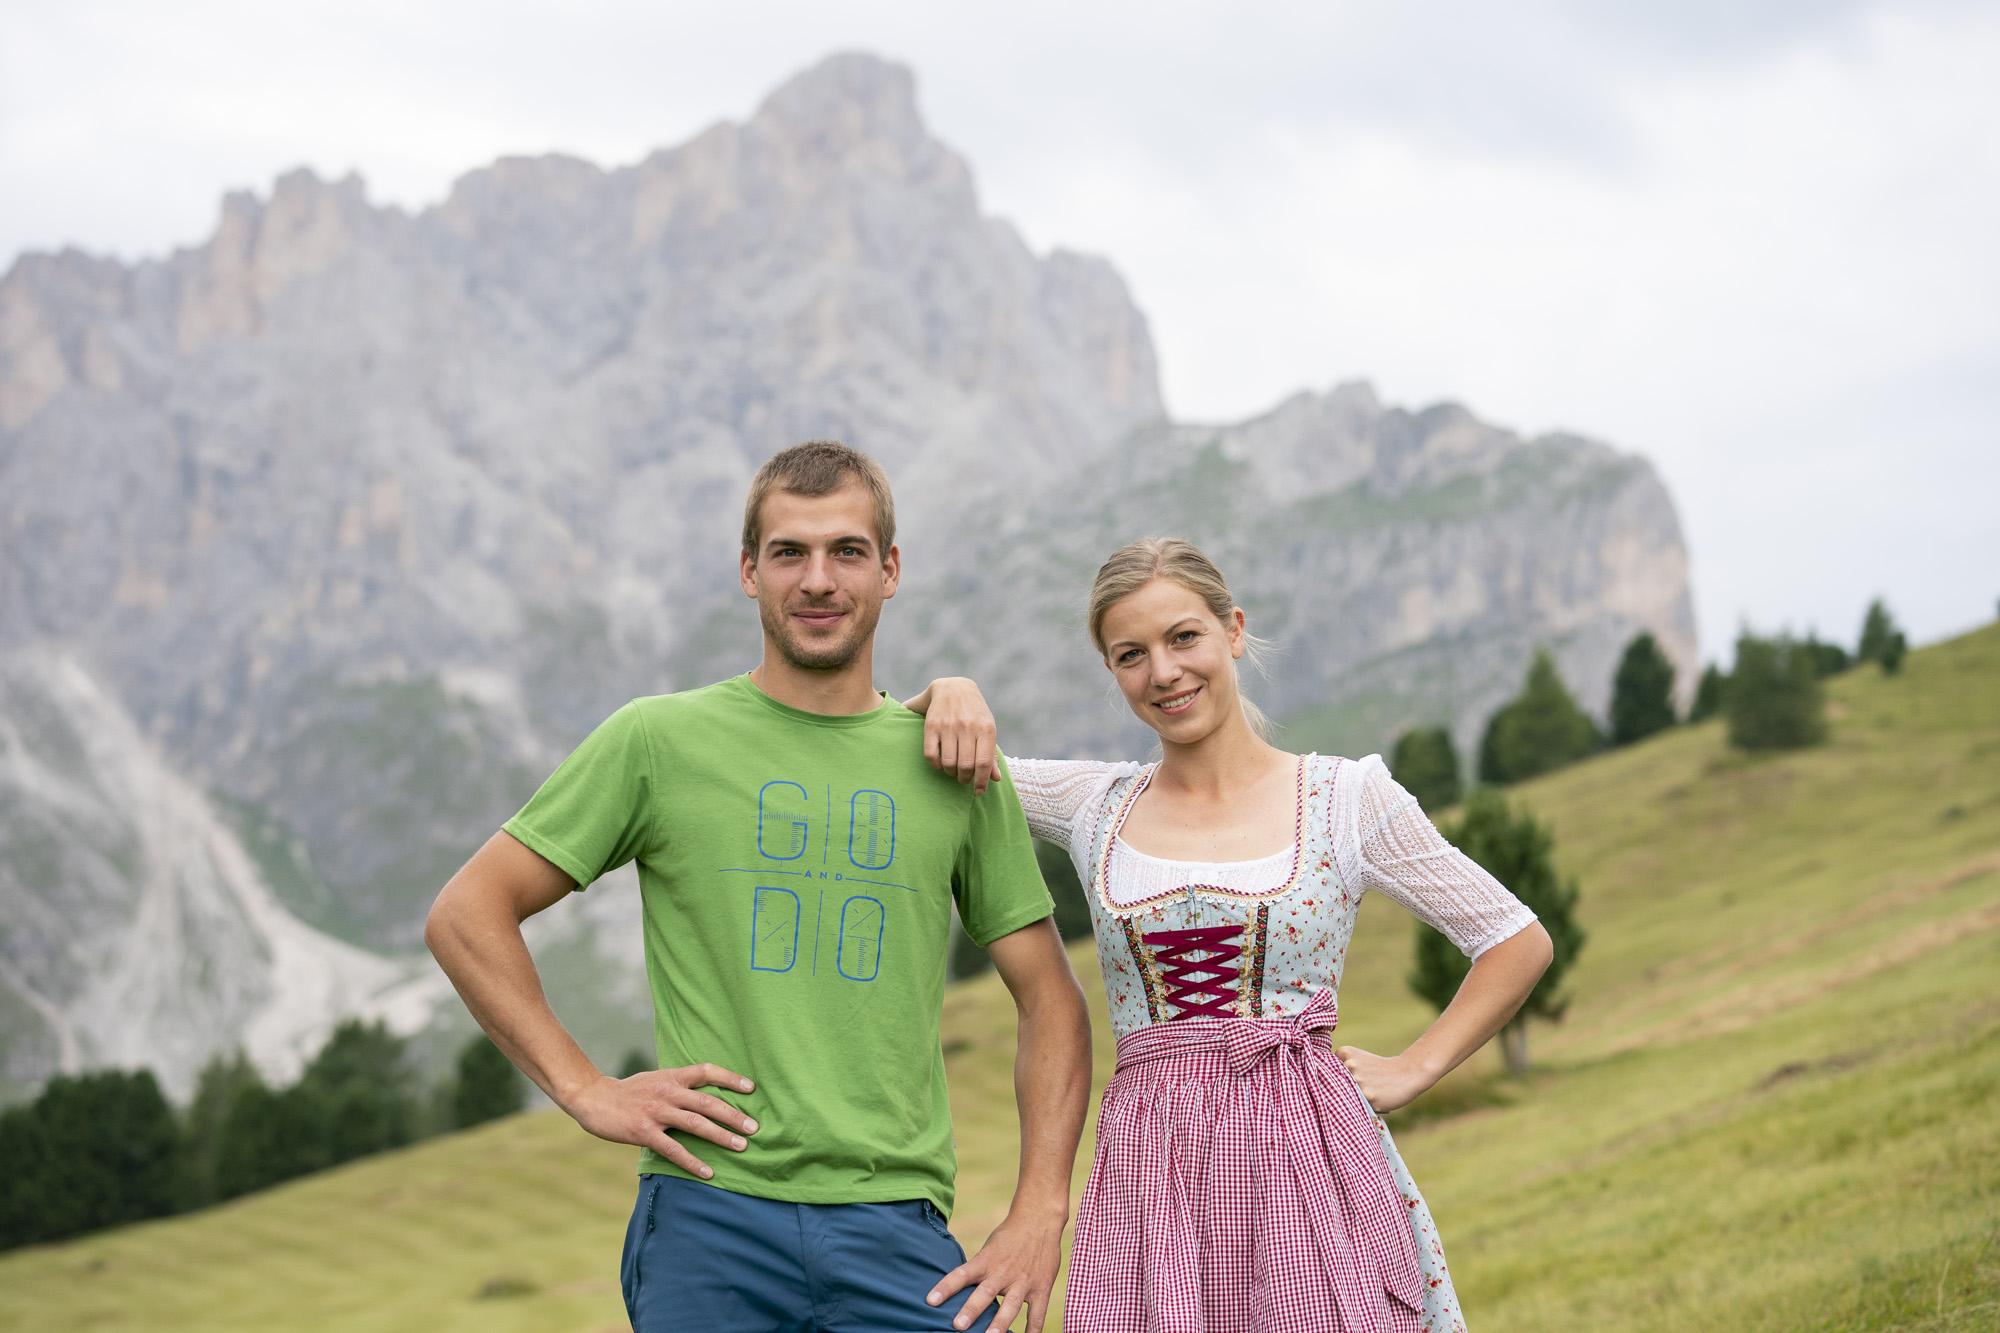 Bergwelten_Südtirol_Campill_Preview_0818_102.jpg